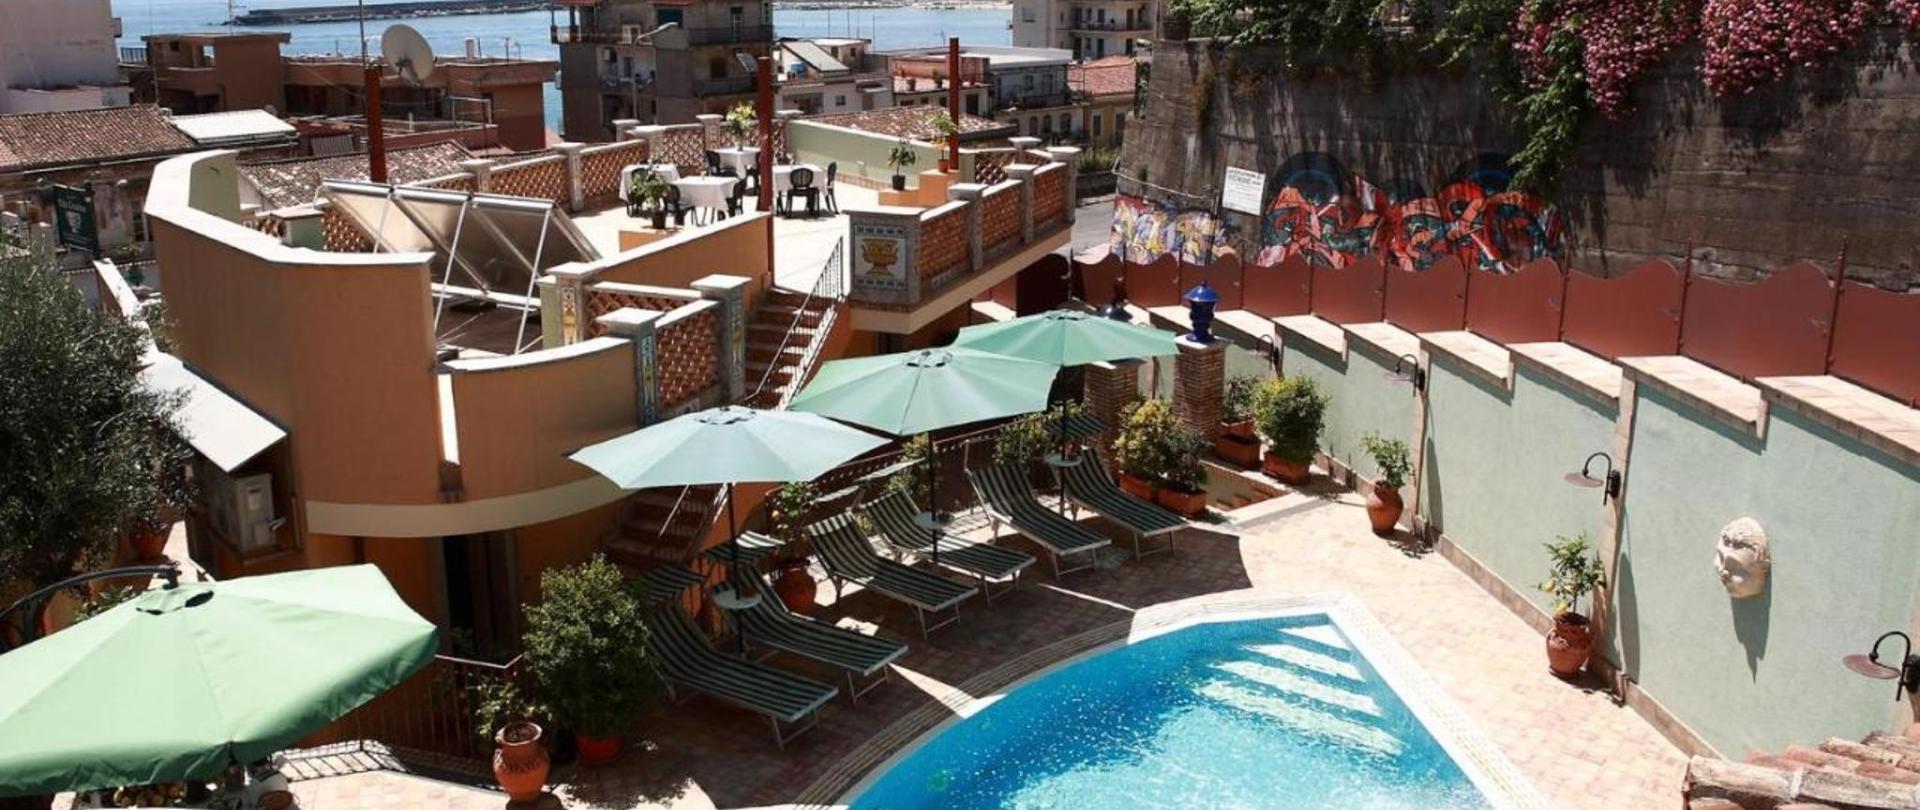 Foto villa cristina giardini naxos italia - Villa cristina giardini naxos ...